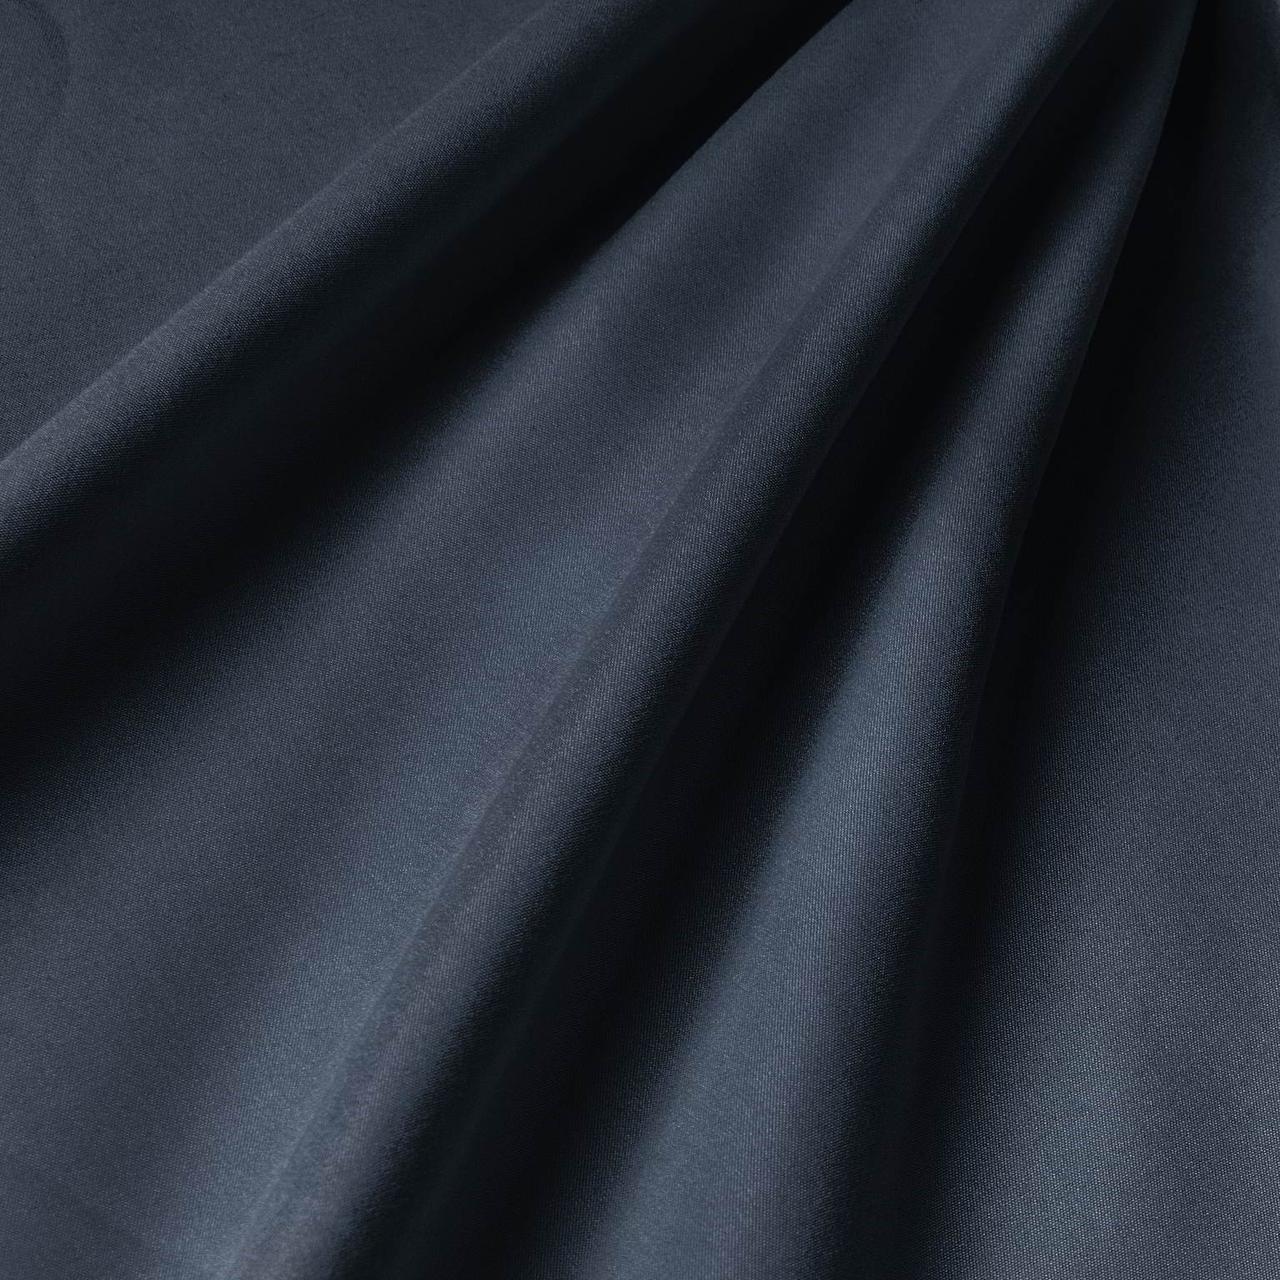 Подкладочная ткань с матовой фактурой (Испания) 400317v28